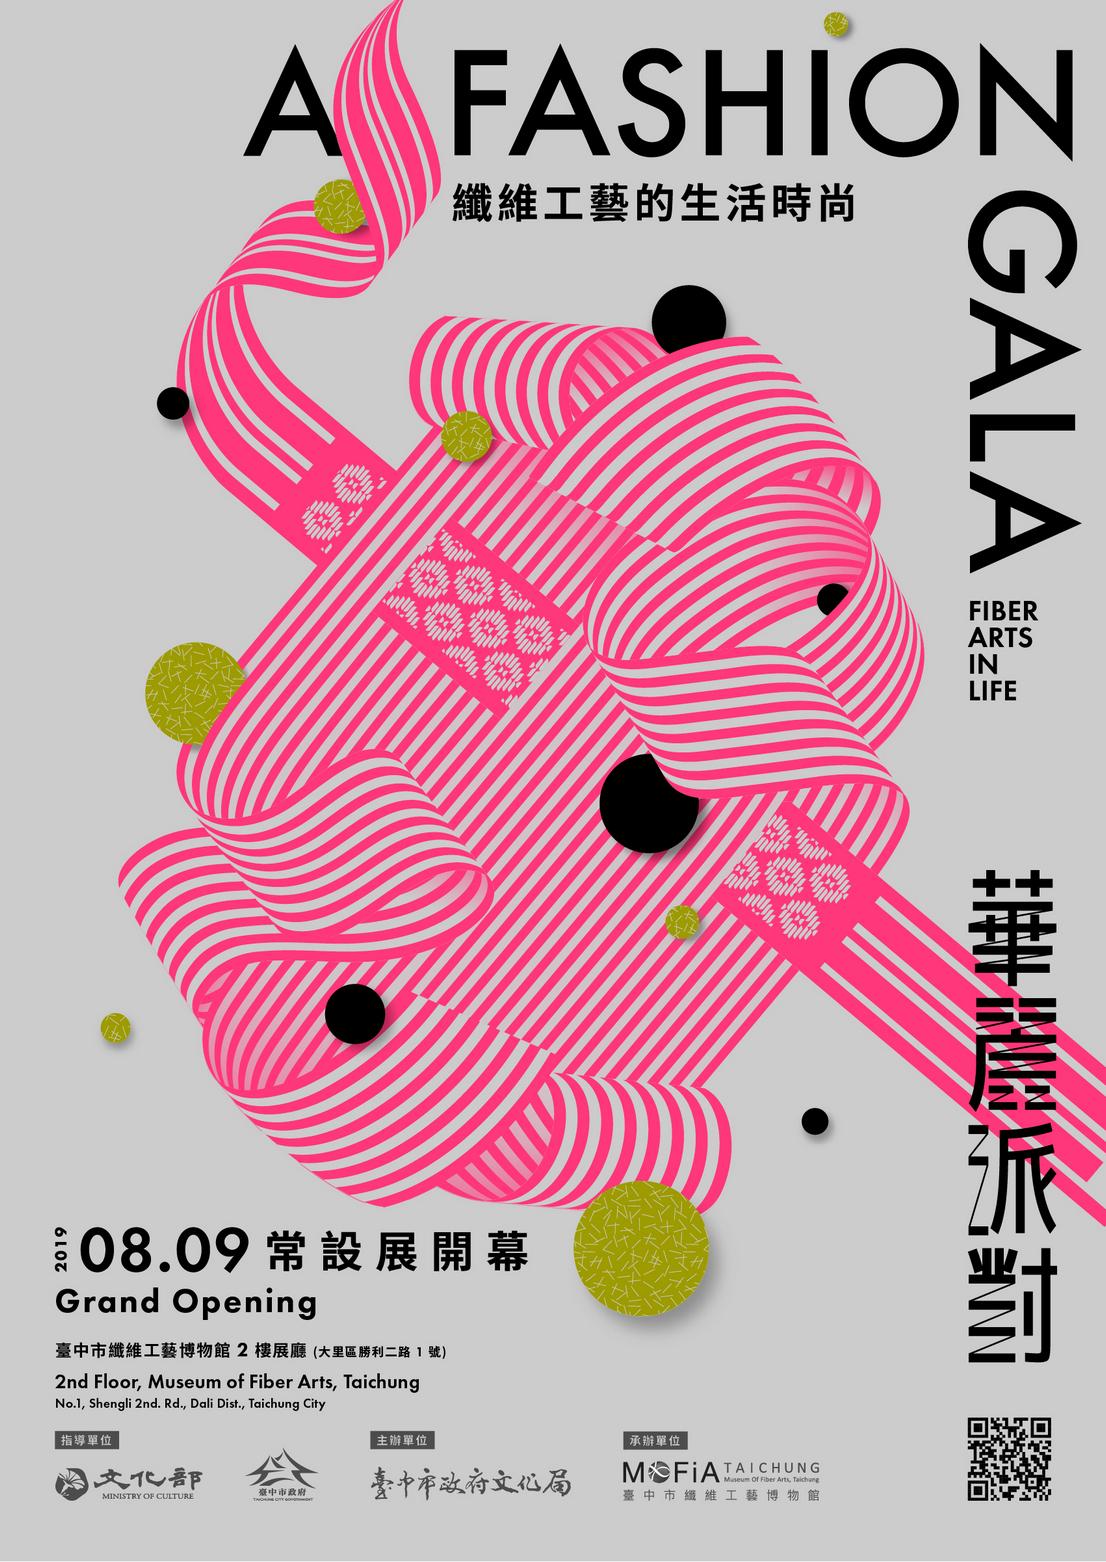 臺中市纖維工藝博物館:自2019/08/30起【「華麗派對:纖維工藝的生活時尚」常設展】